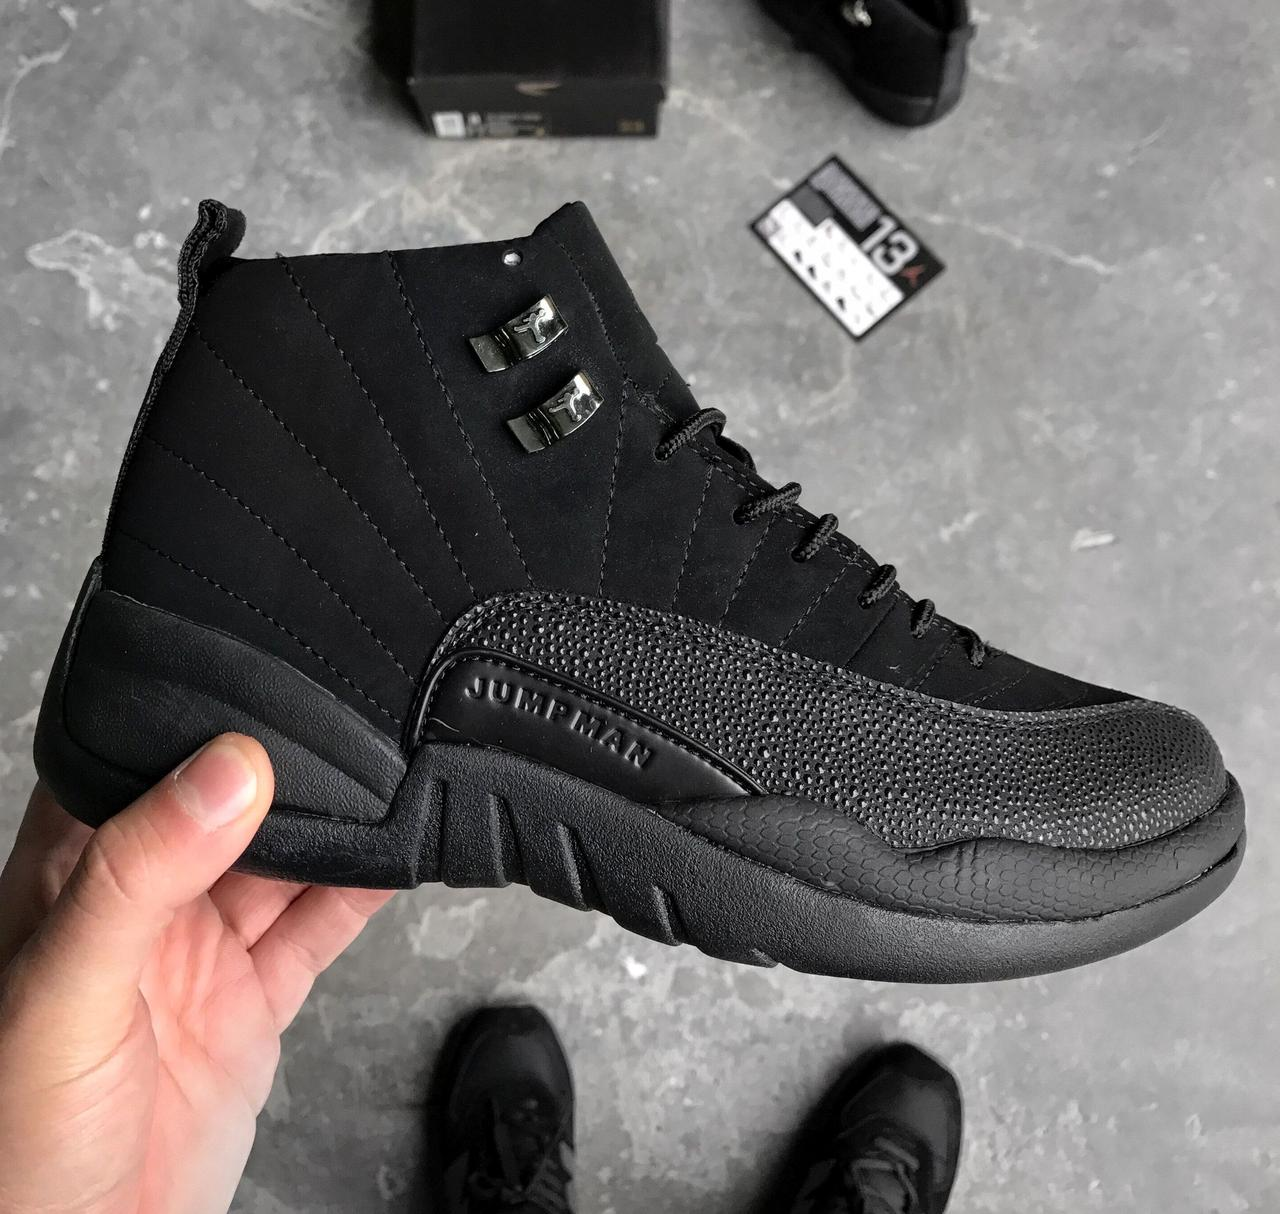 """Баскетбольные кроссовки Nike Air Jordan 12 Retro """"OVO"""" All Black"""